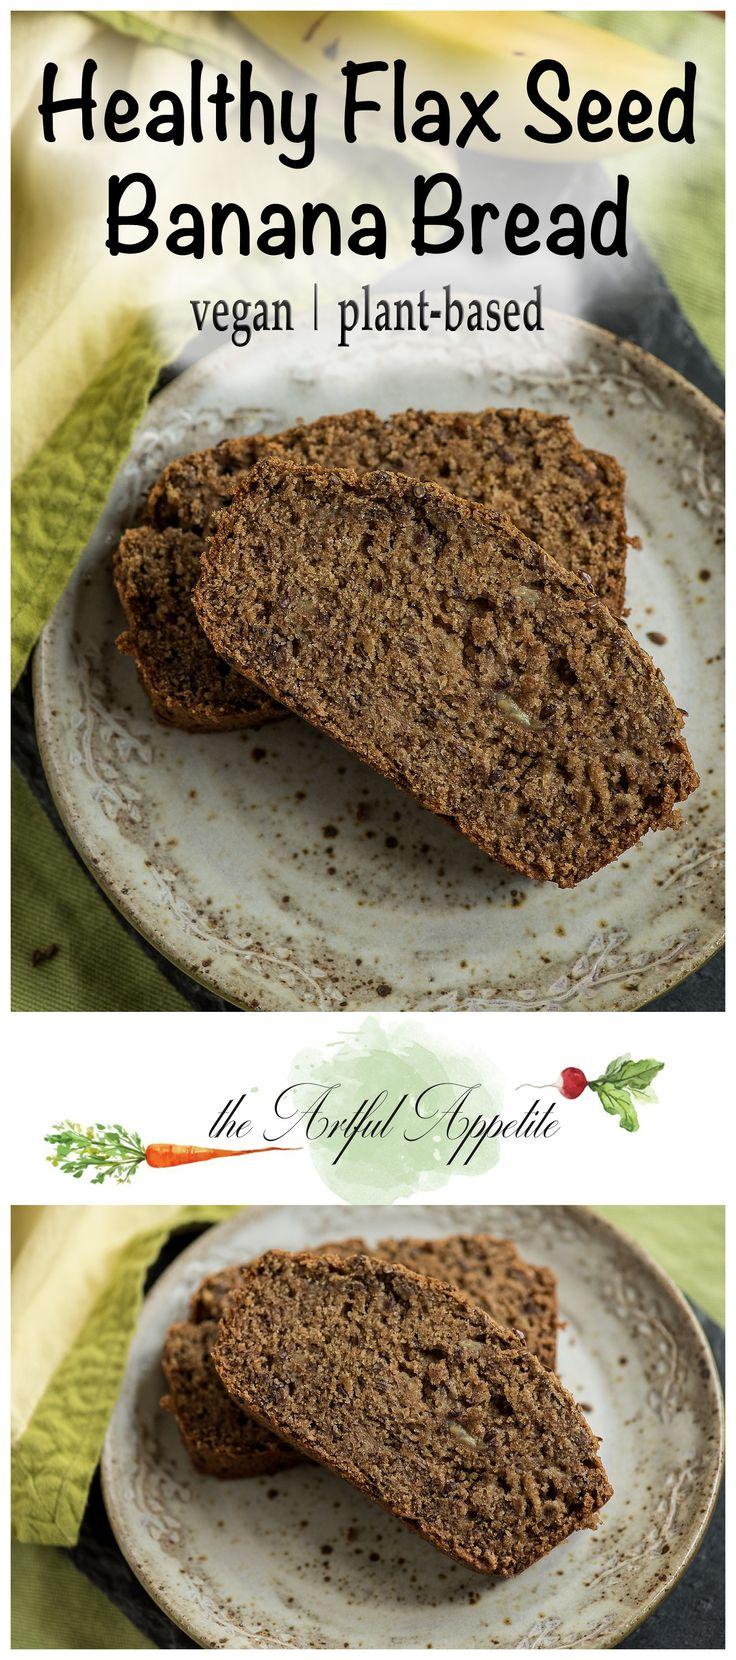 Healthy Vegan Flax Seed Banana Bread